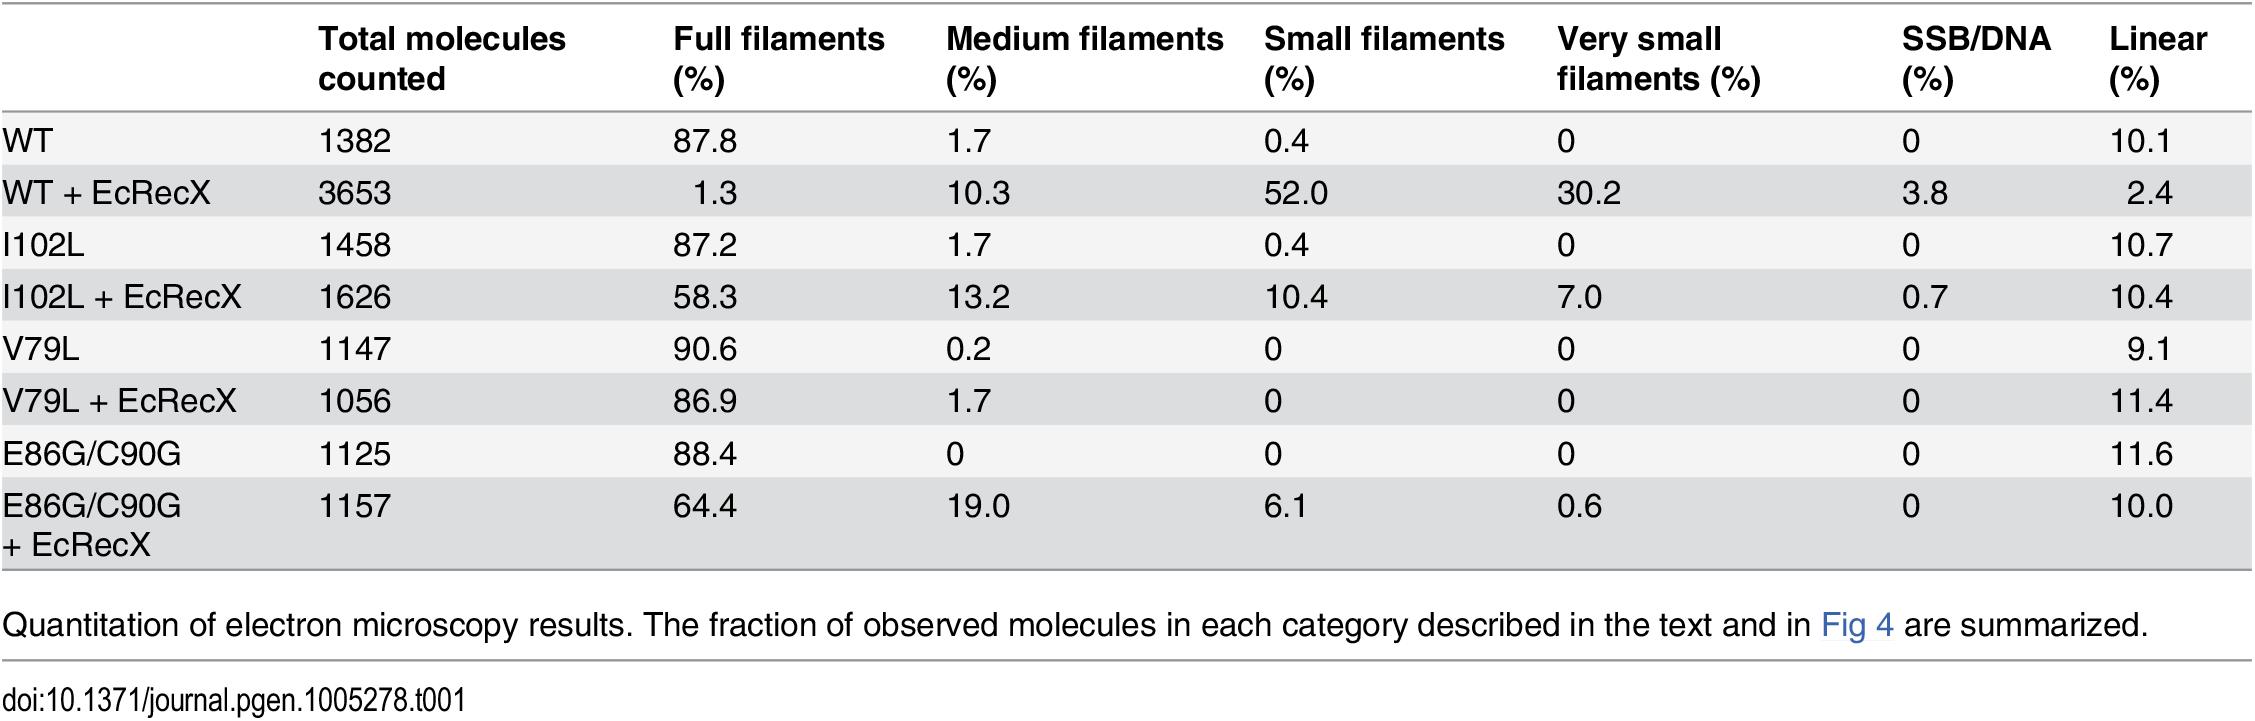 Effect of EcRecX on RecA and RecA variant filaments.